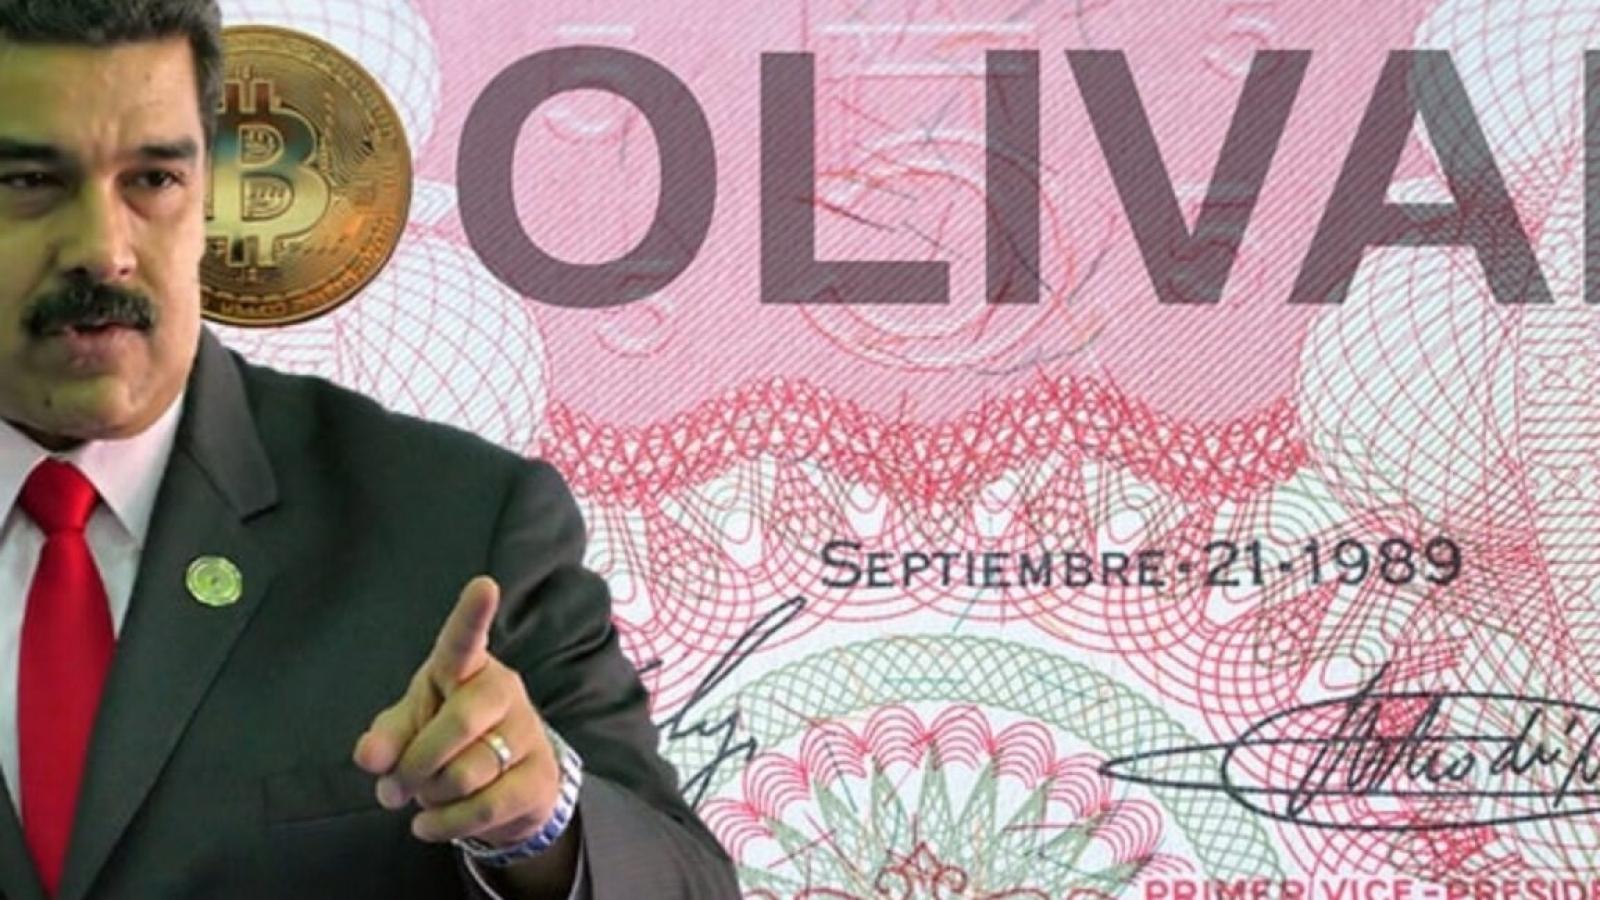 Venezuela chính thức xóa bỏ sáu chữ số 0 trên đồng tiền bolivar